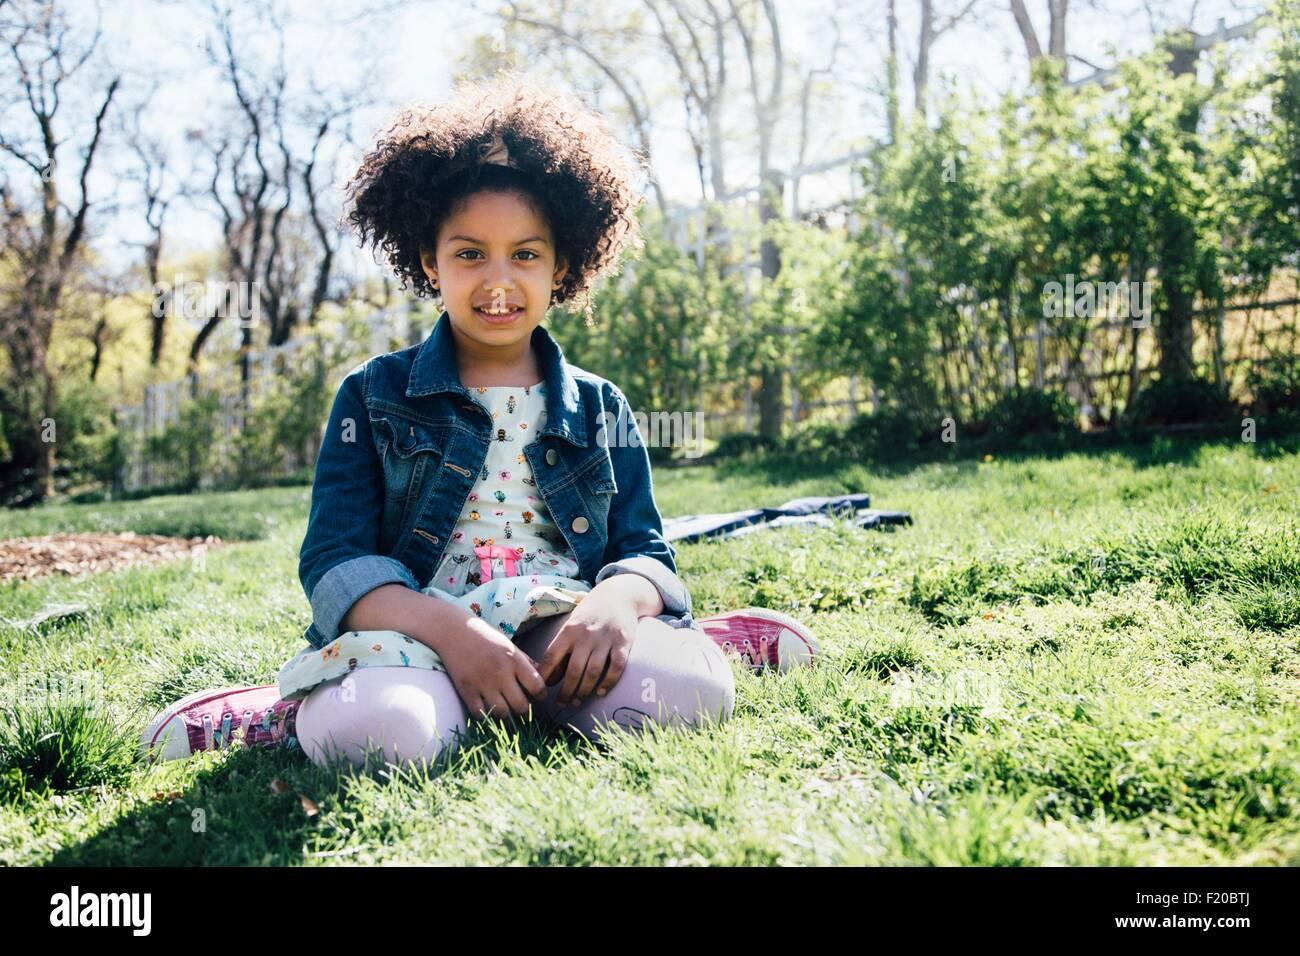 Vista frontale della ragazza seduta su erba, guardando la fotocamera Immagini Stock